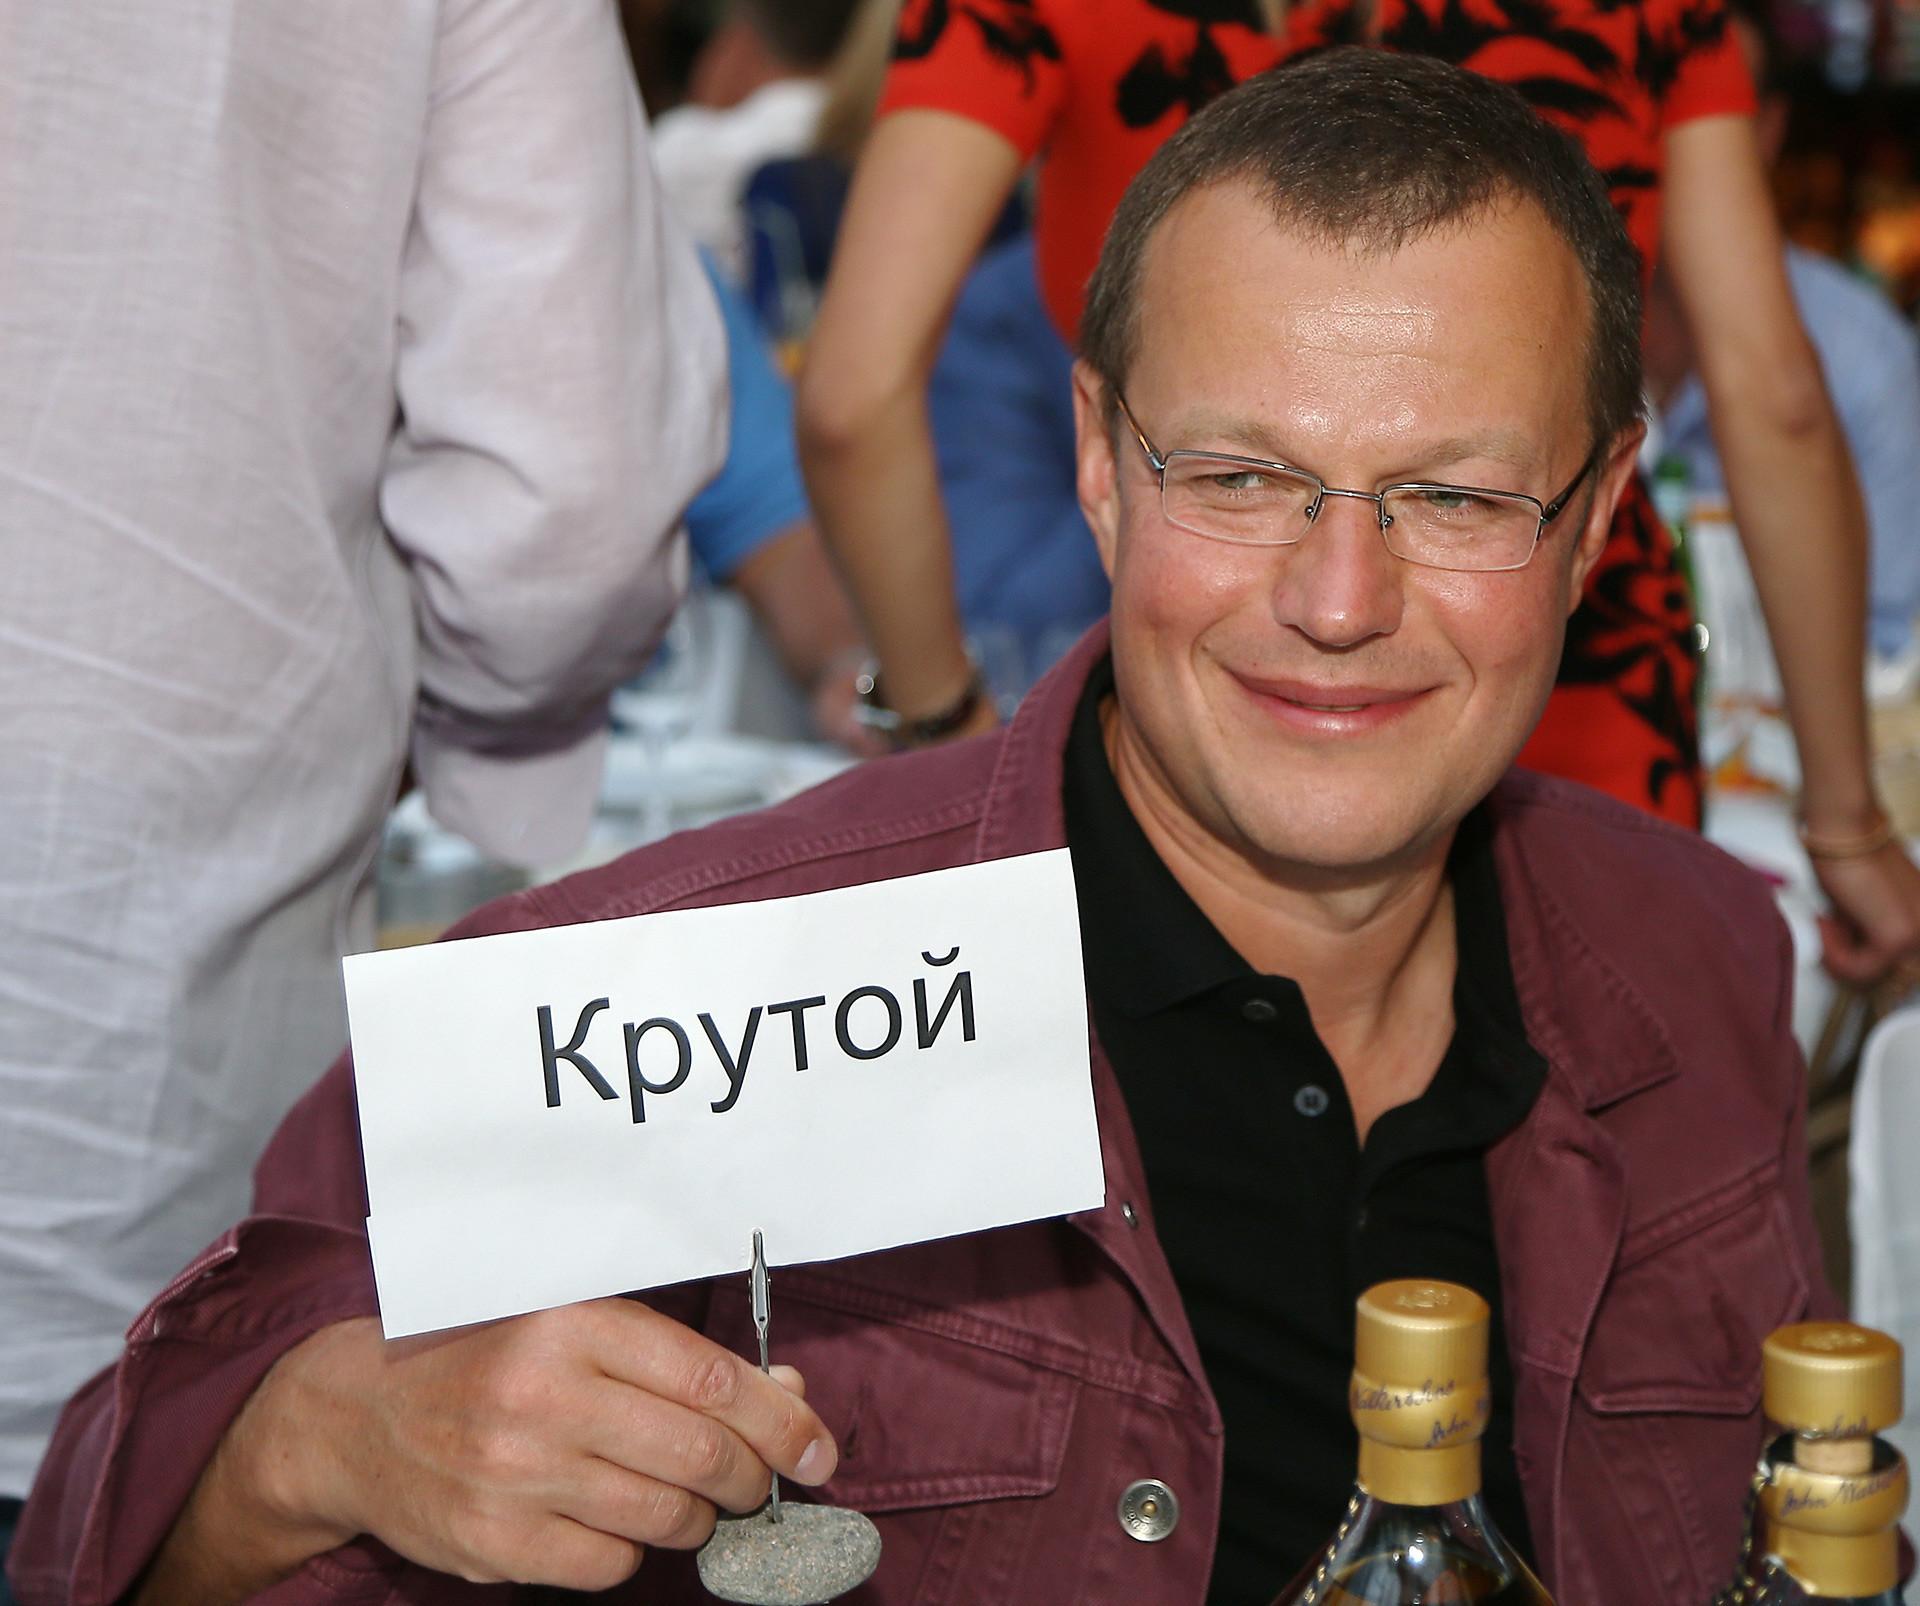 Segundo a polícia russa, no final dos anos 1990, Shefler adquiriu ilegalmente uma série de marcas comerciais.